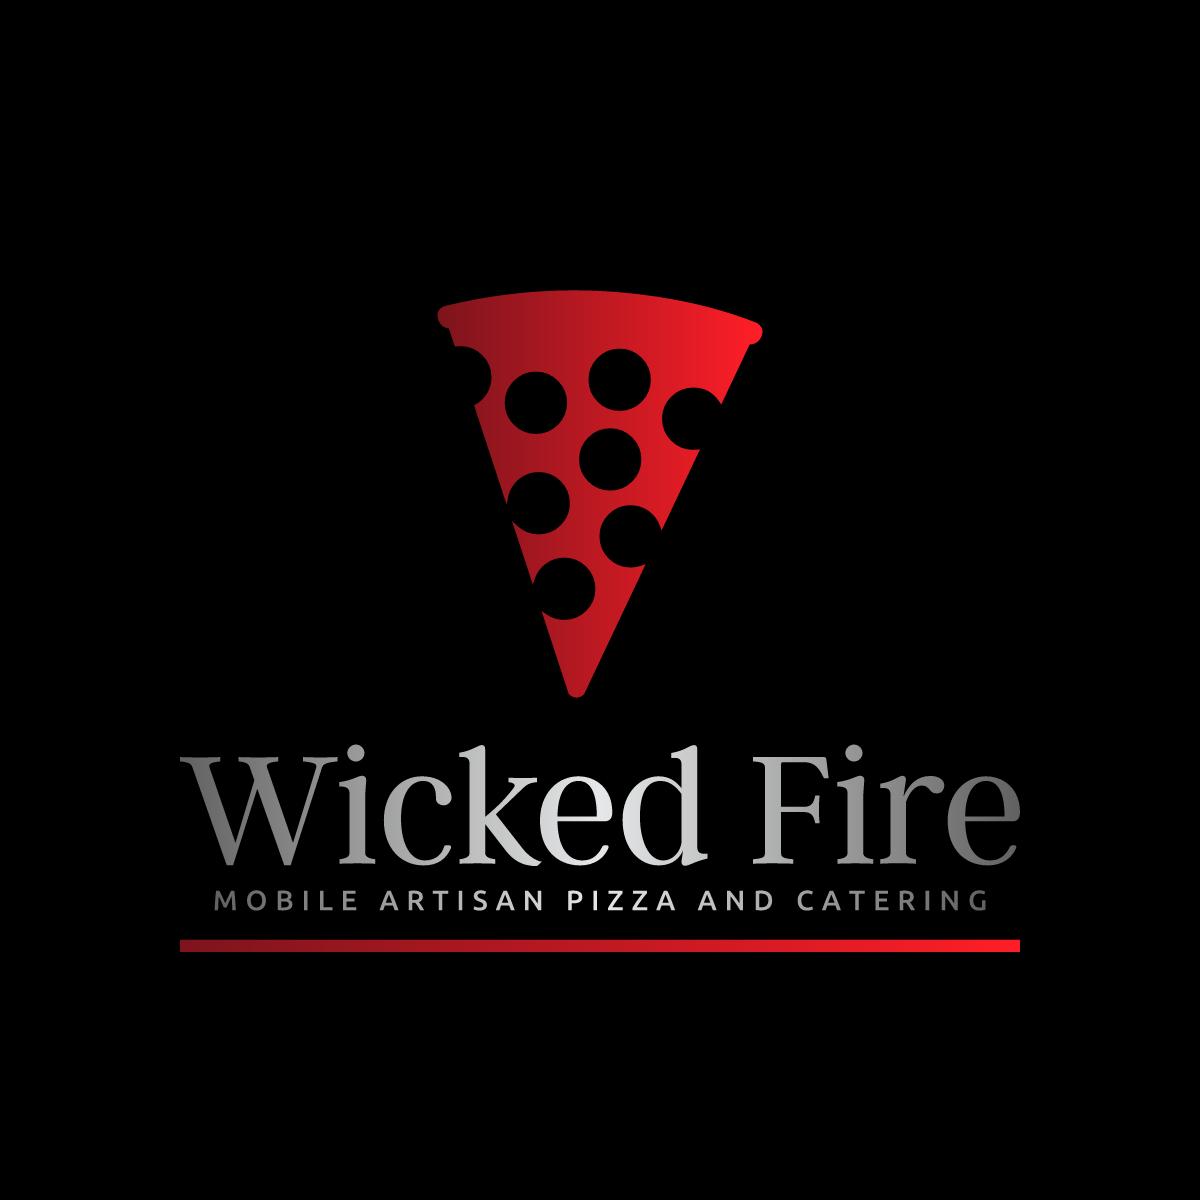 Joshua Lowden—Wicked Fire Pizza: Cape Cod, MA